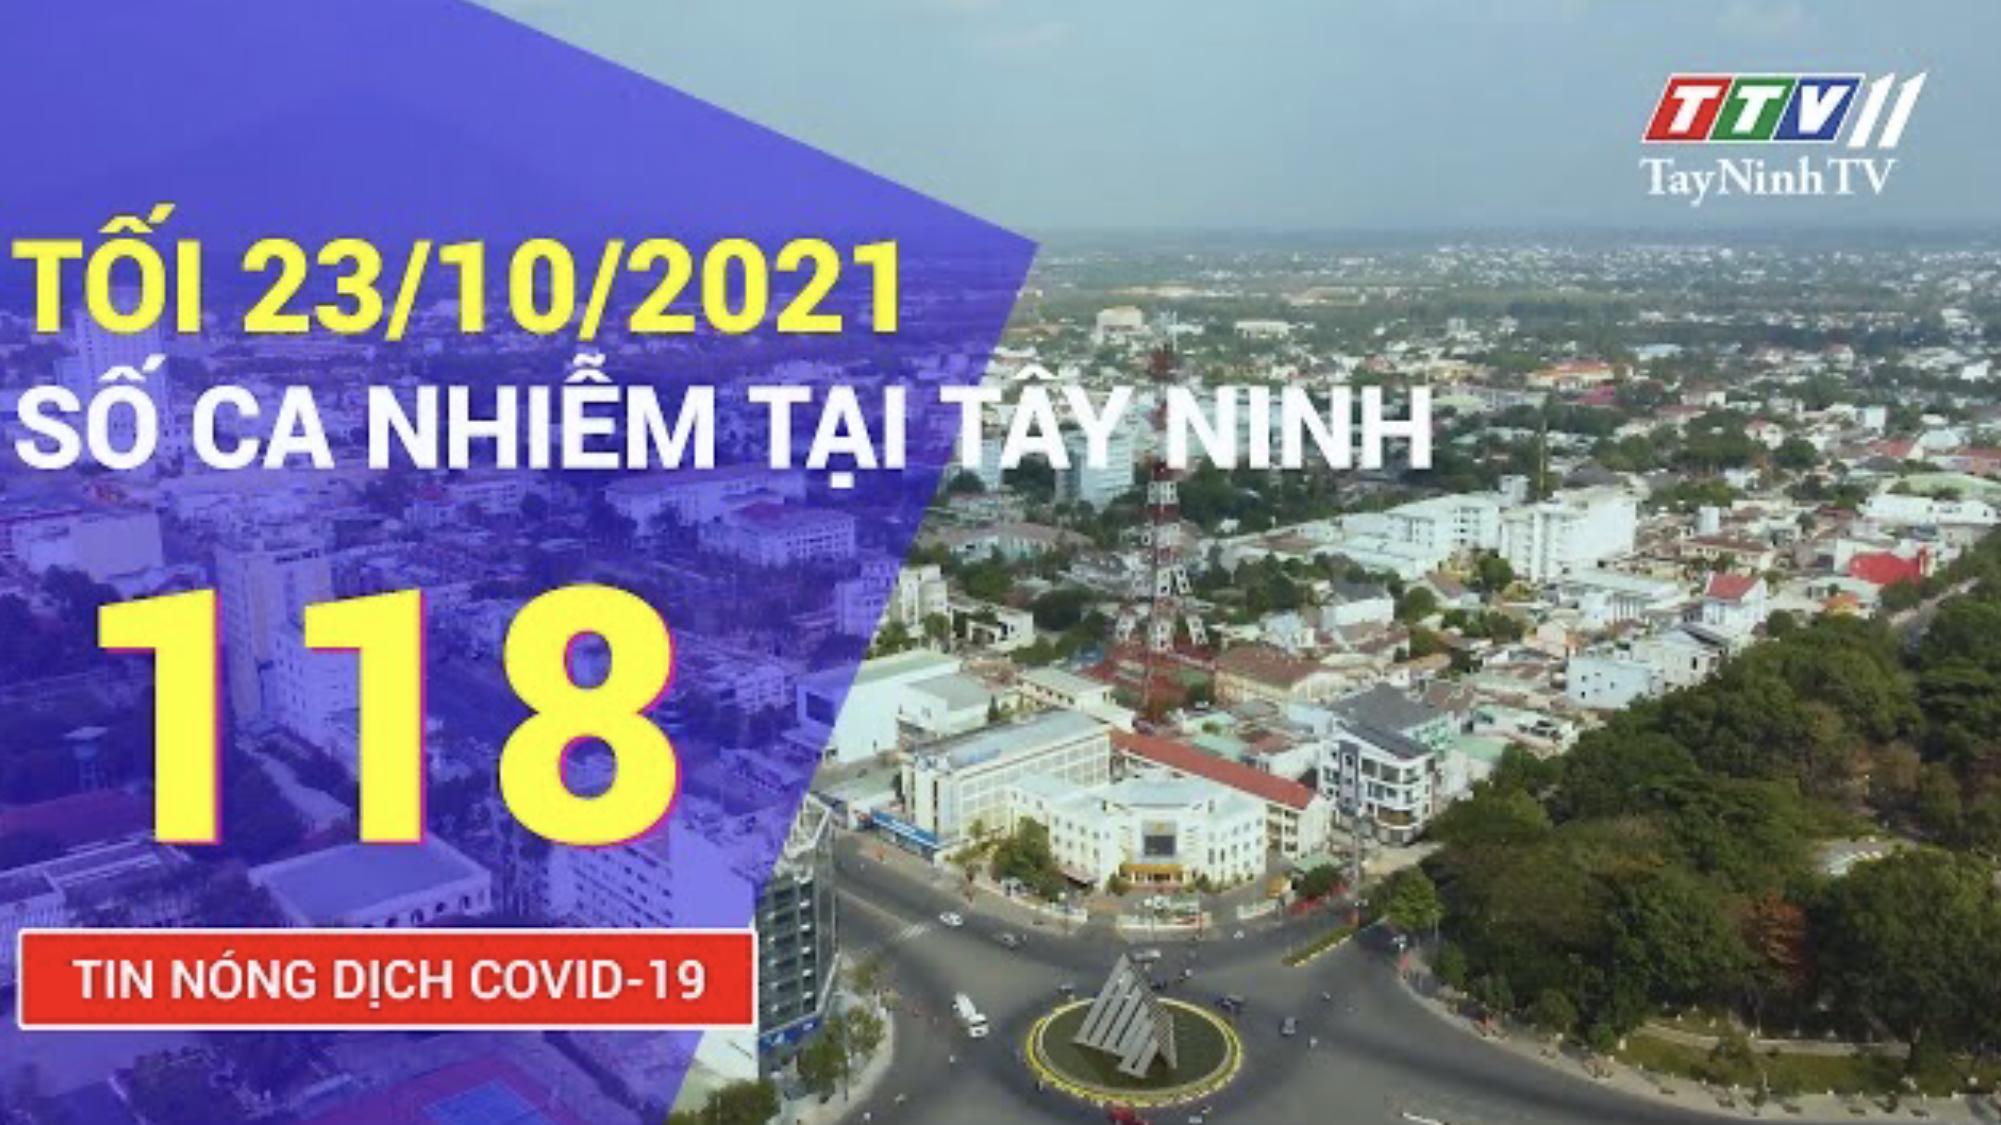 TIN TỨC COVID-19 TỐI NGÀY 23/10/2021 | Tin tức hôm nay | TayNinhTV